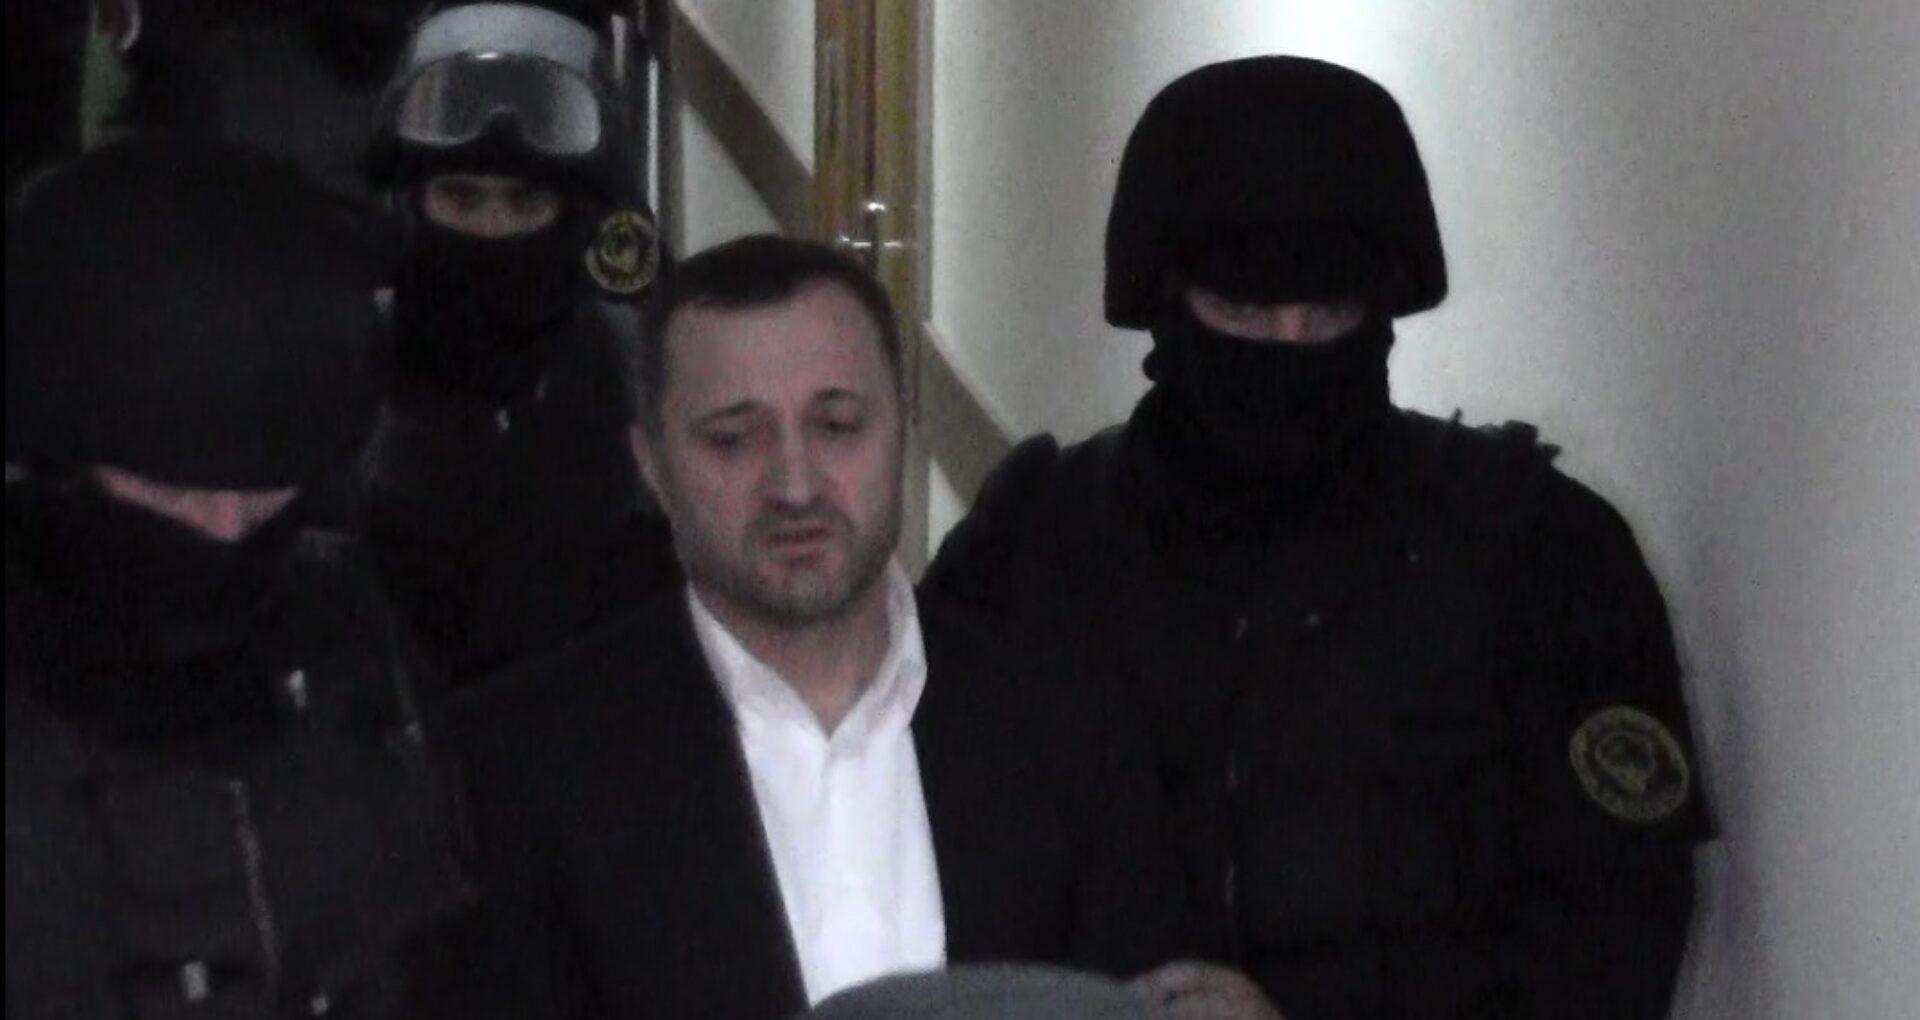 Magistrații au prelungit mandatul de arest pe numele lui Vlad Filat